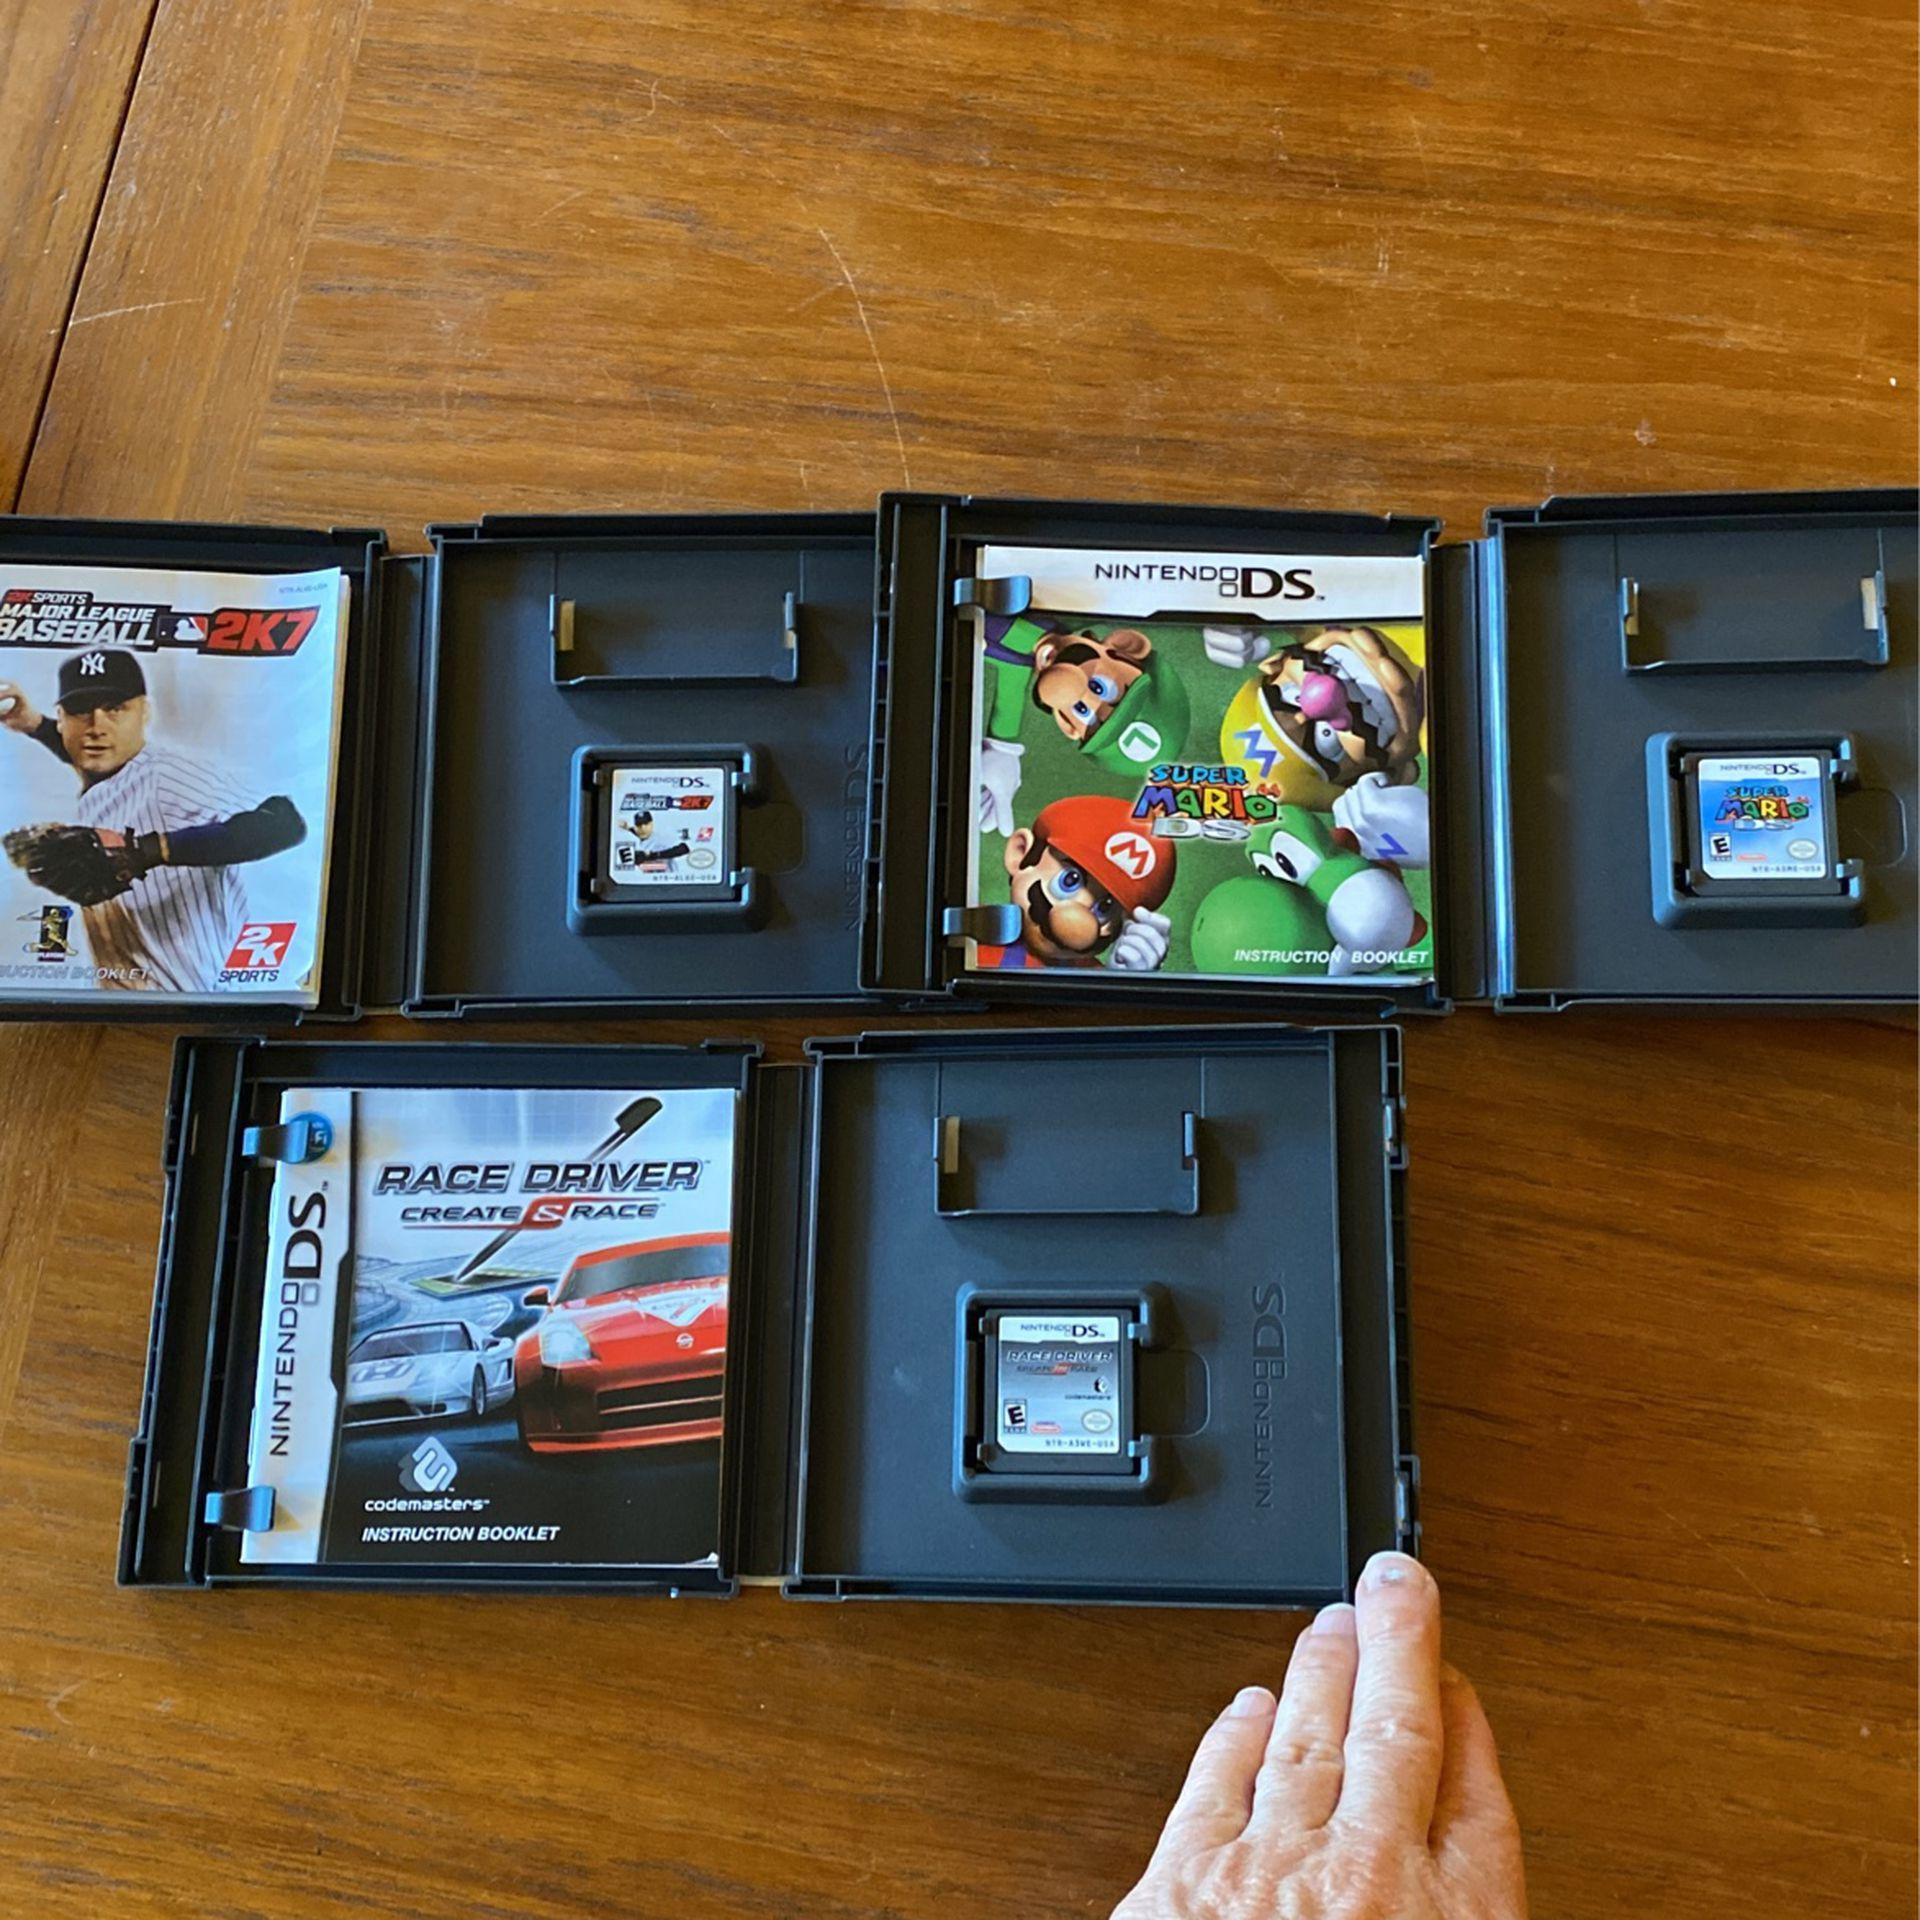 Nintendo DS games, Vintage